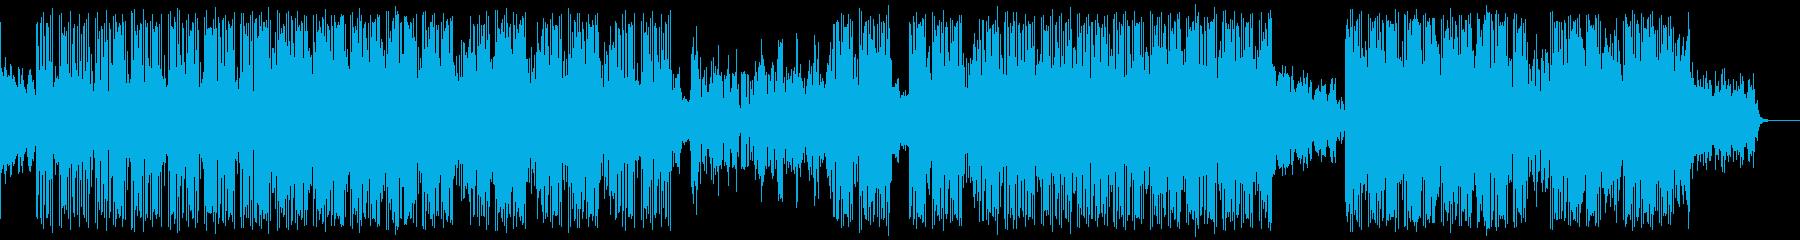 エレクトロ 技術的な 説明的 繰り...の再生済みの波形